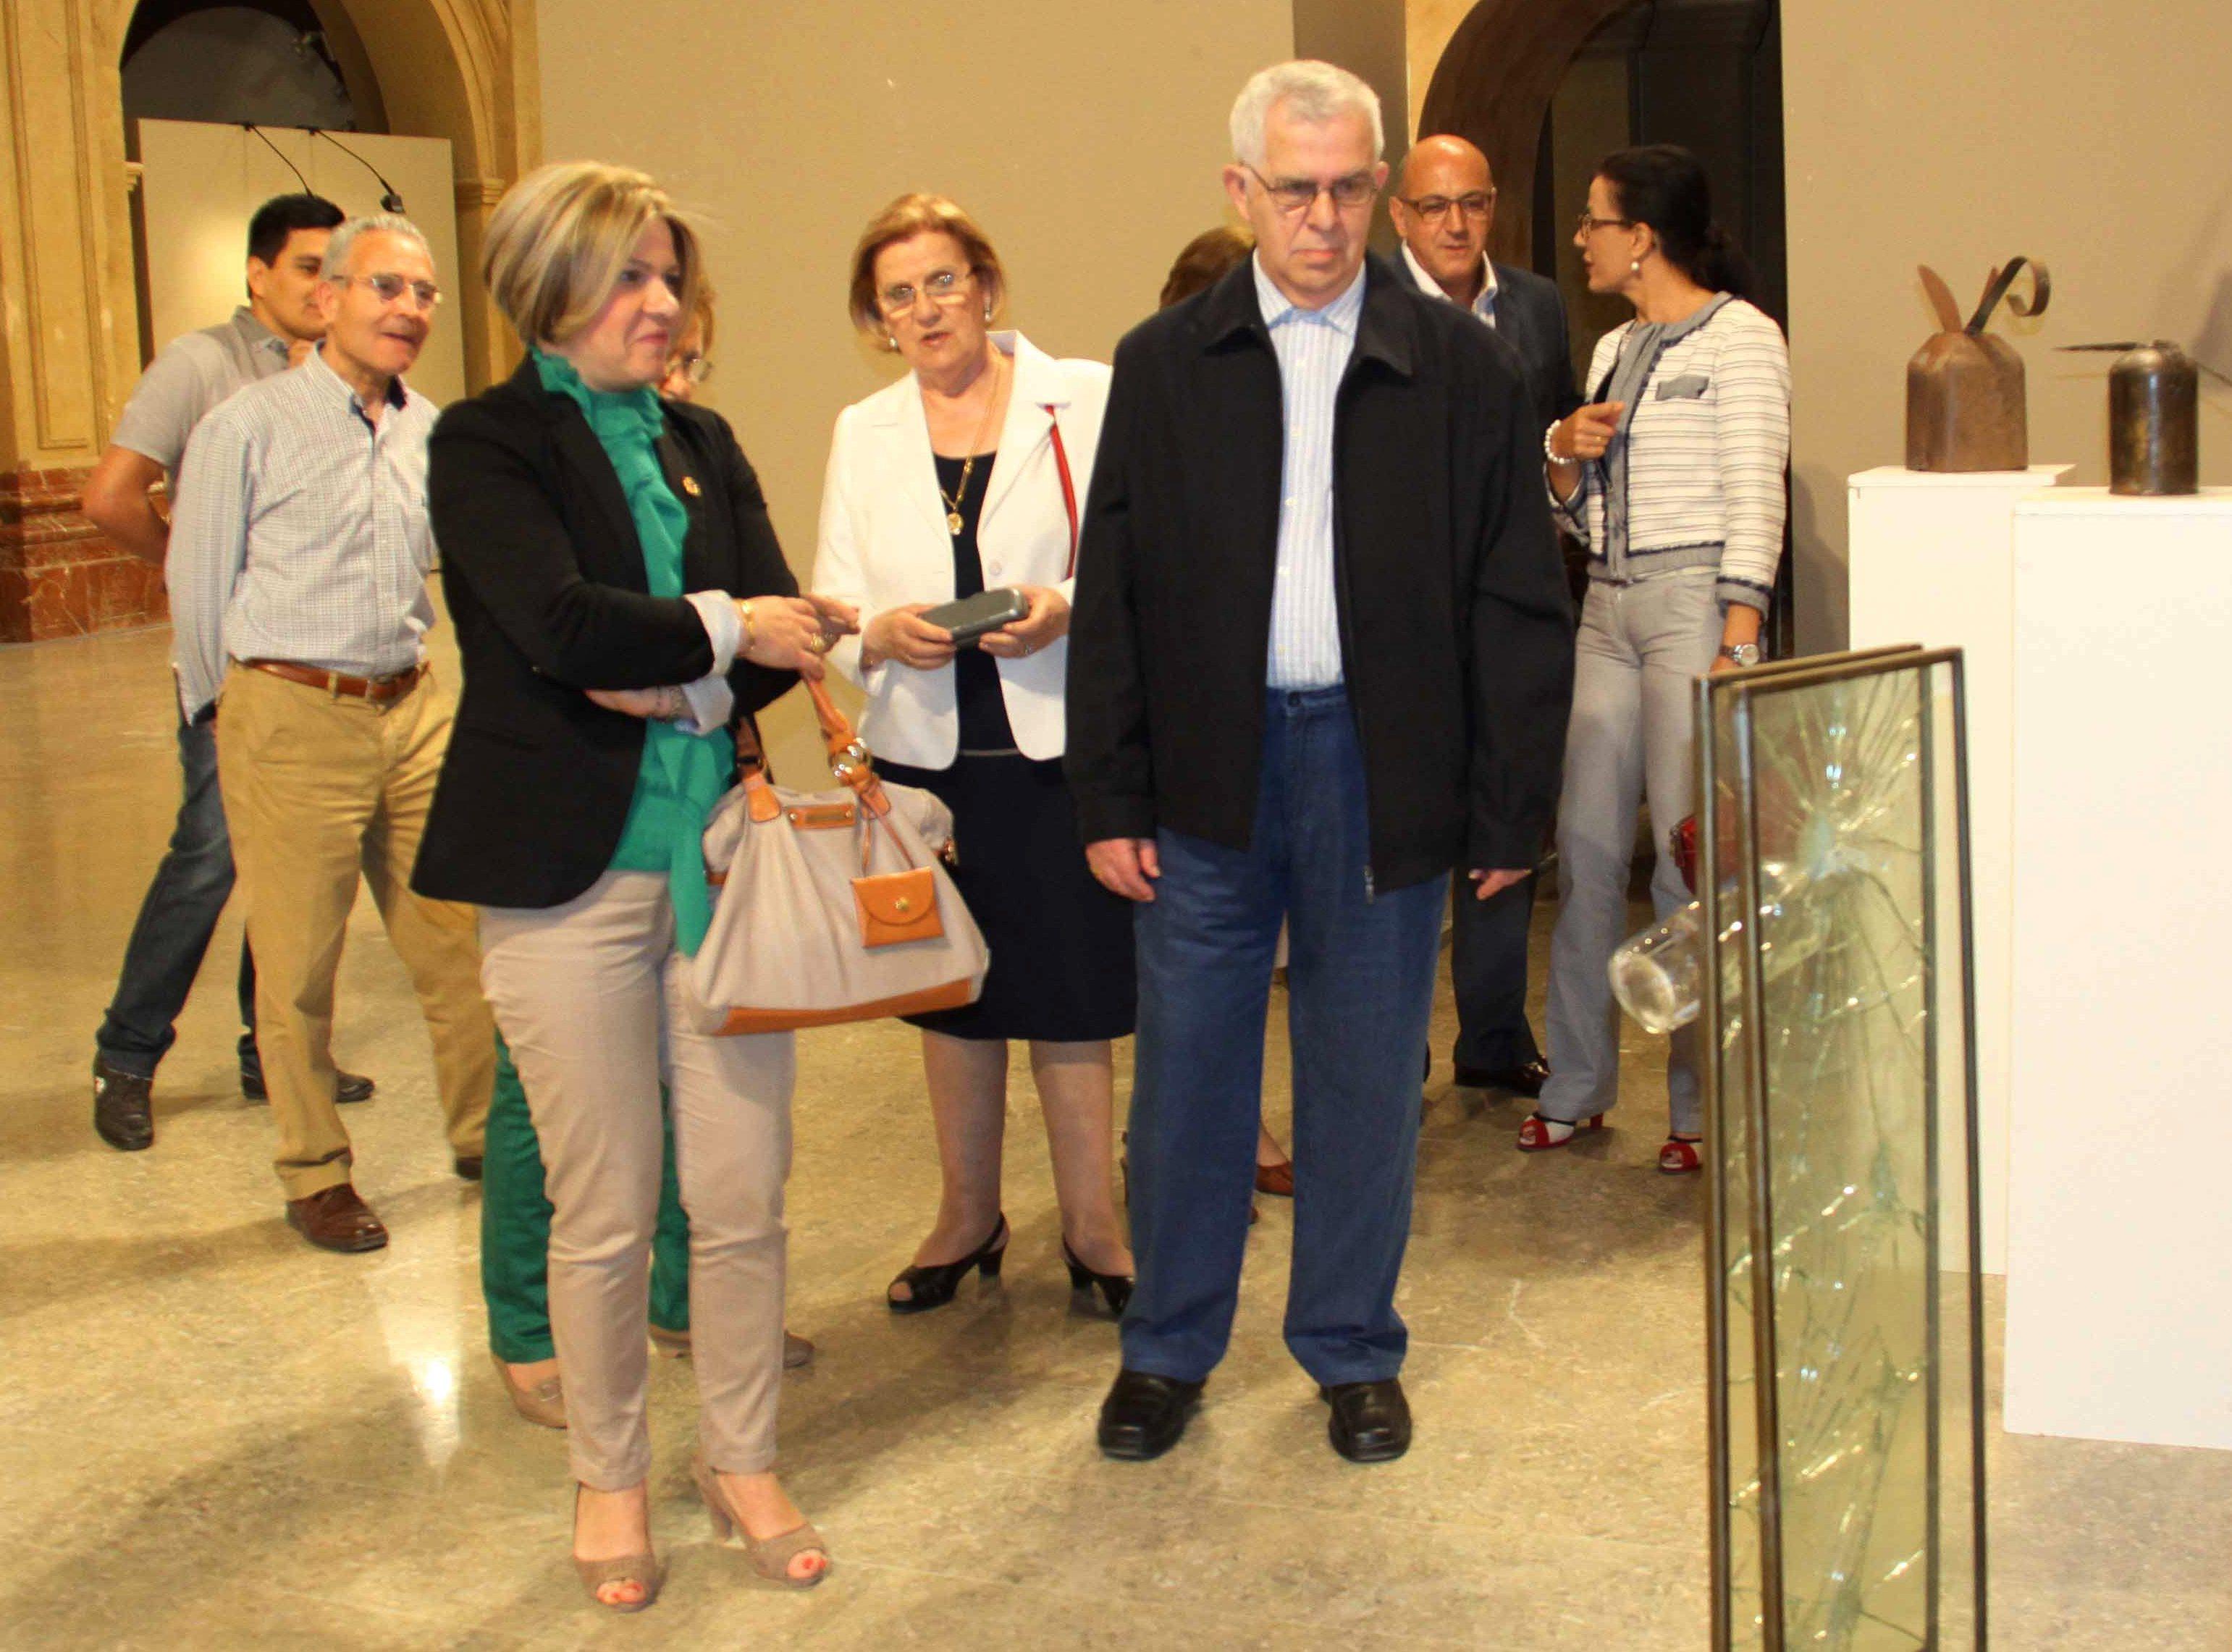 La Compañía acoge una nueva exposición de obras cedidas por Martínez Torres